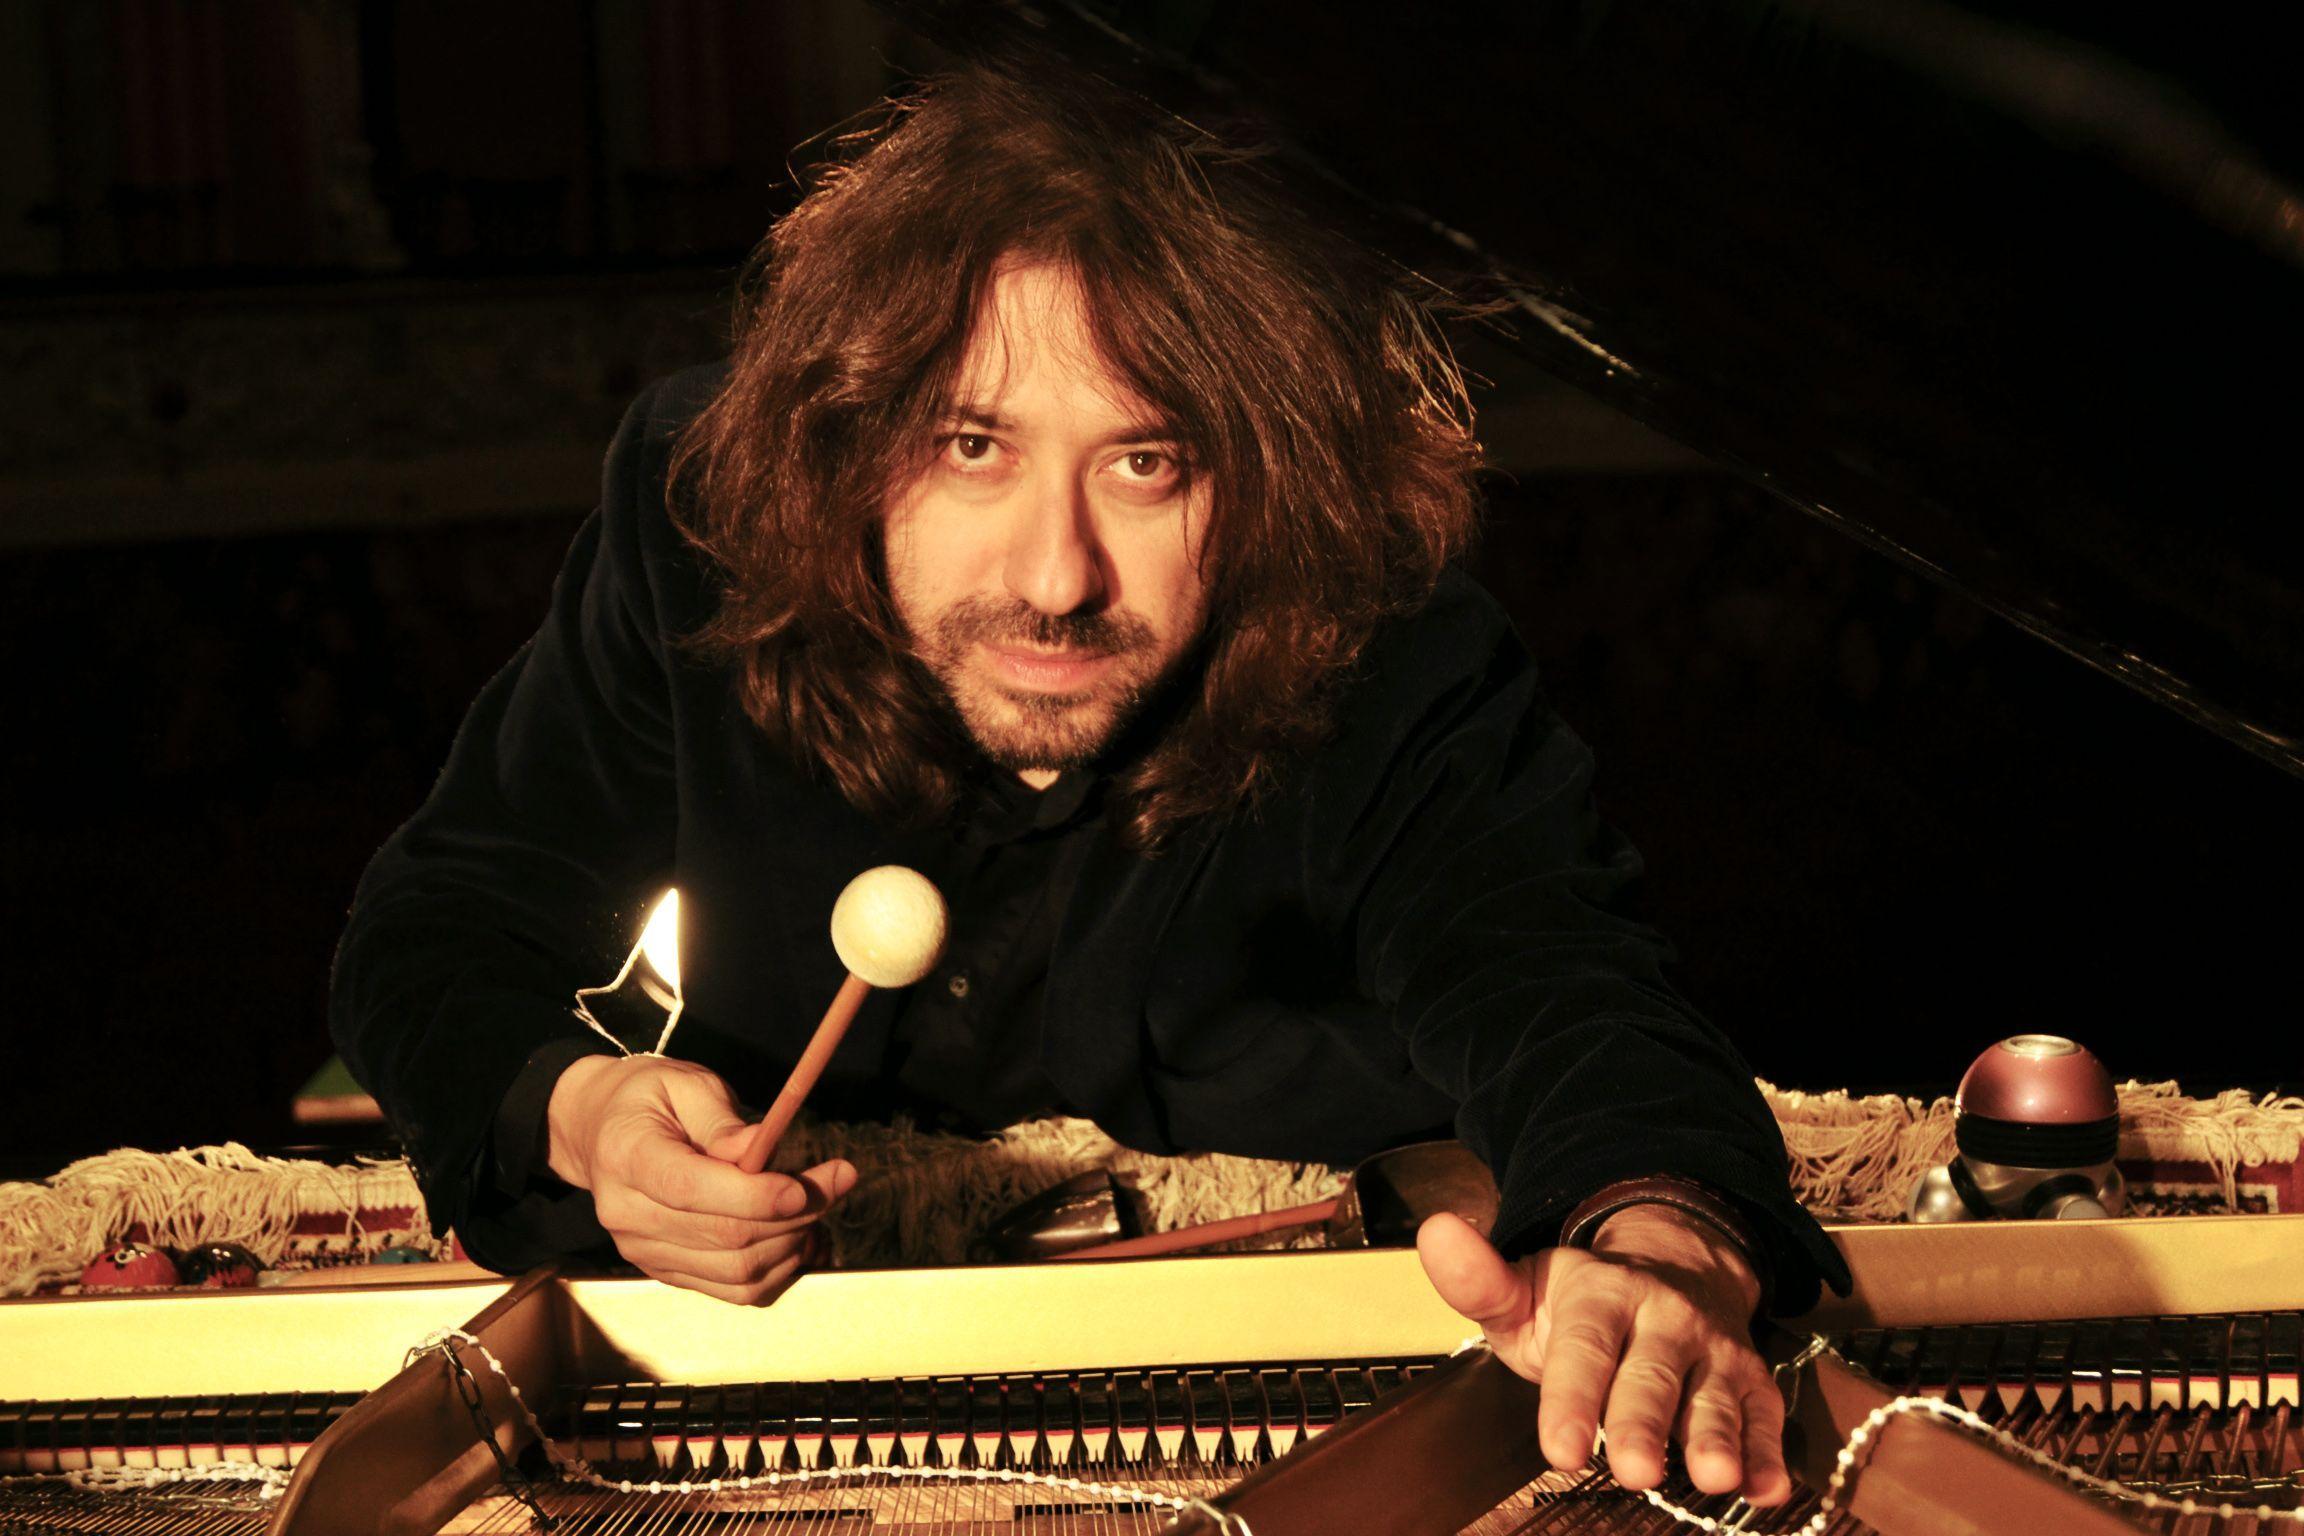 Intervista a Mario Mariani, pianista eclettico protagonista di video insoliti, tour in Africa e concerti nei boschi